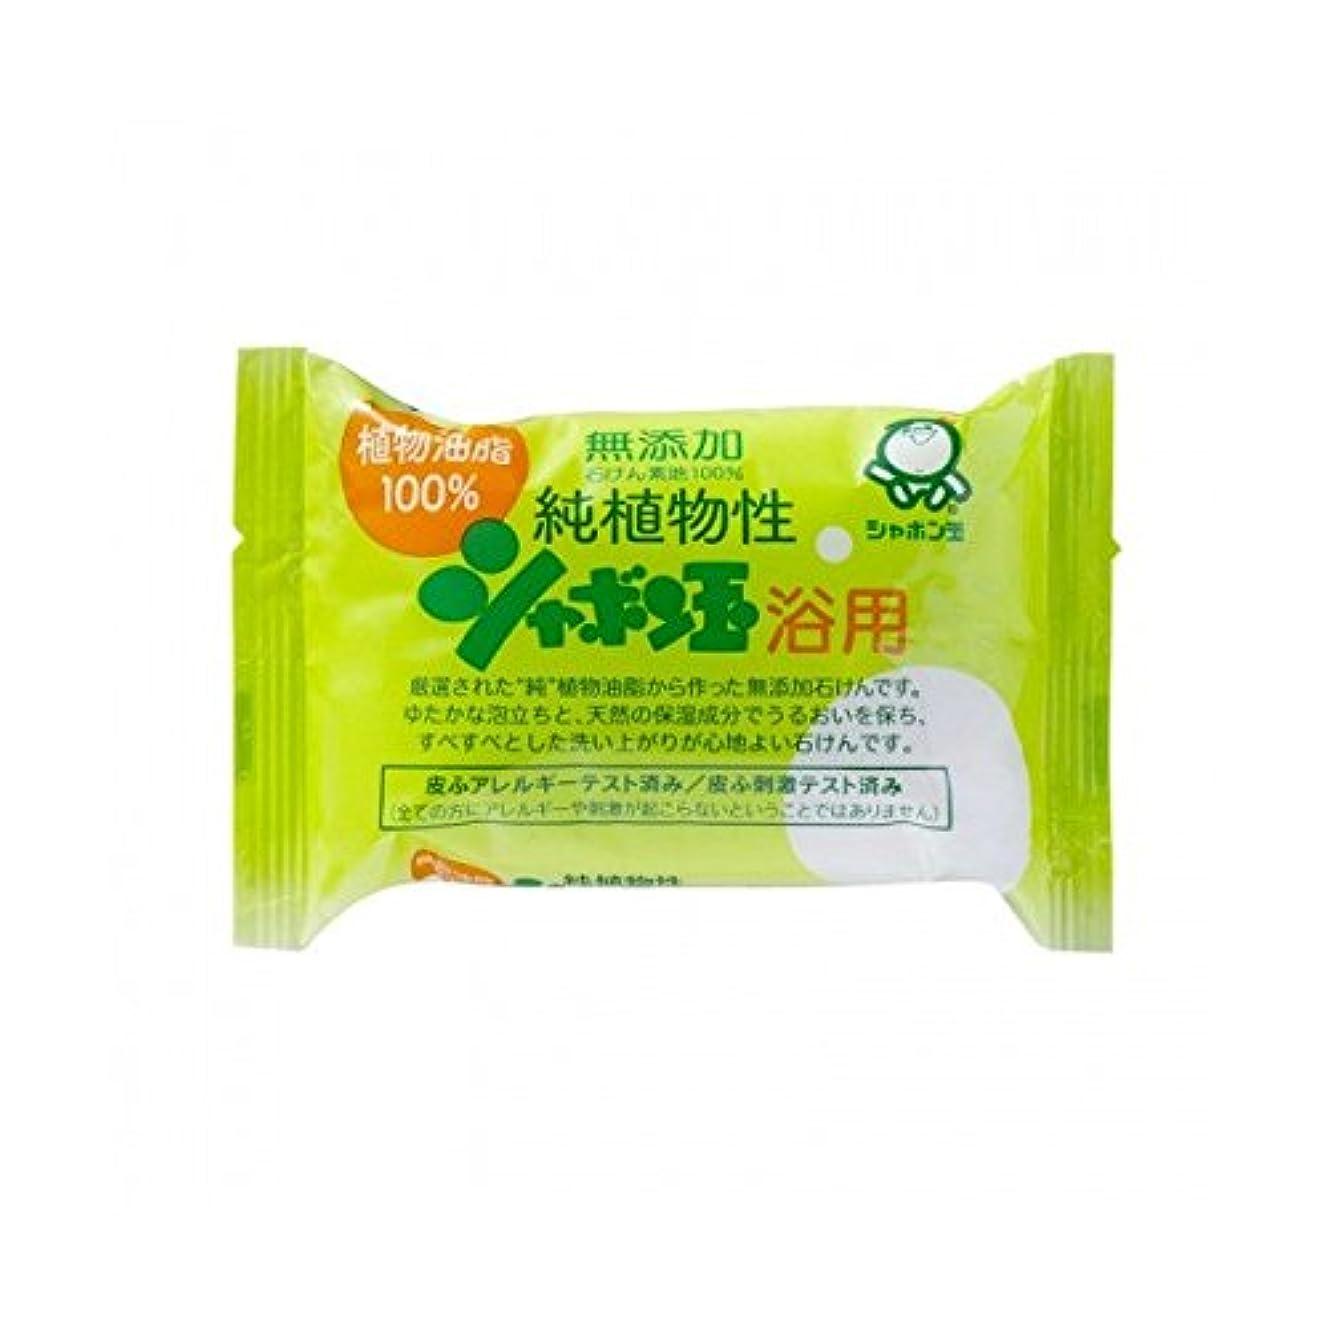 スーパーマーケット孤独上にシャボン玉石けん シャボン玉 純植物性 浴用 100g(無添加石鹸)×120点セット (4901797003013)